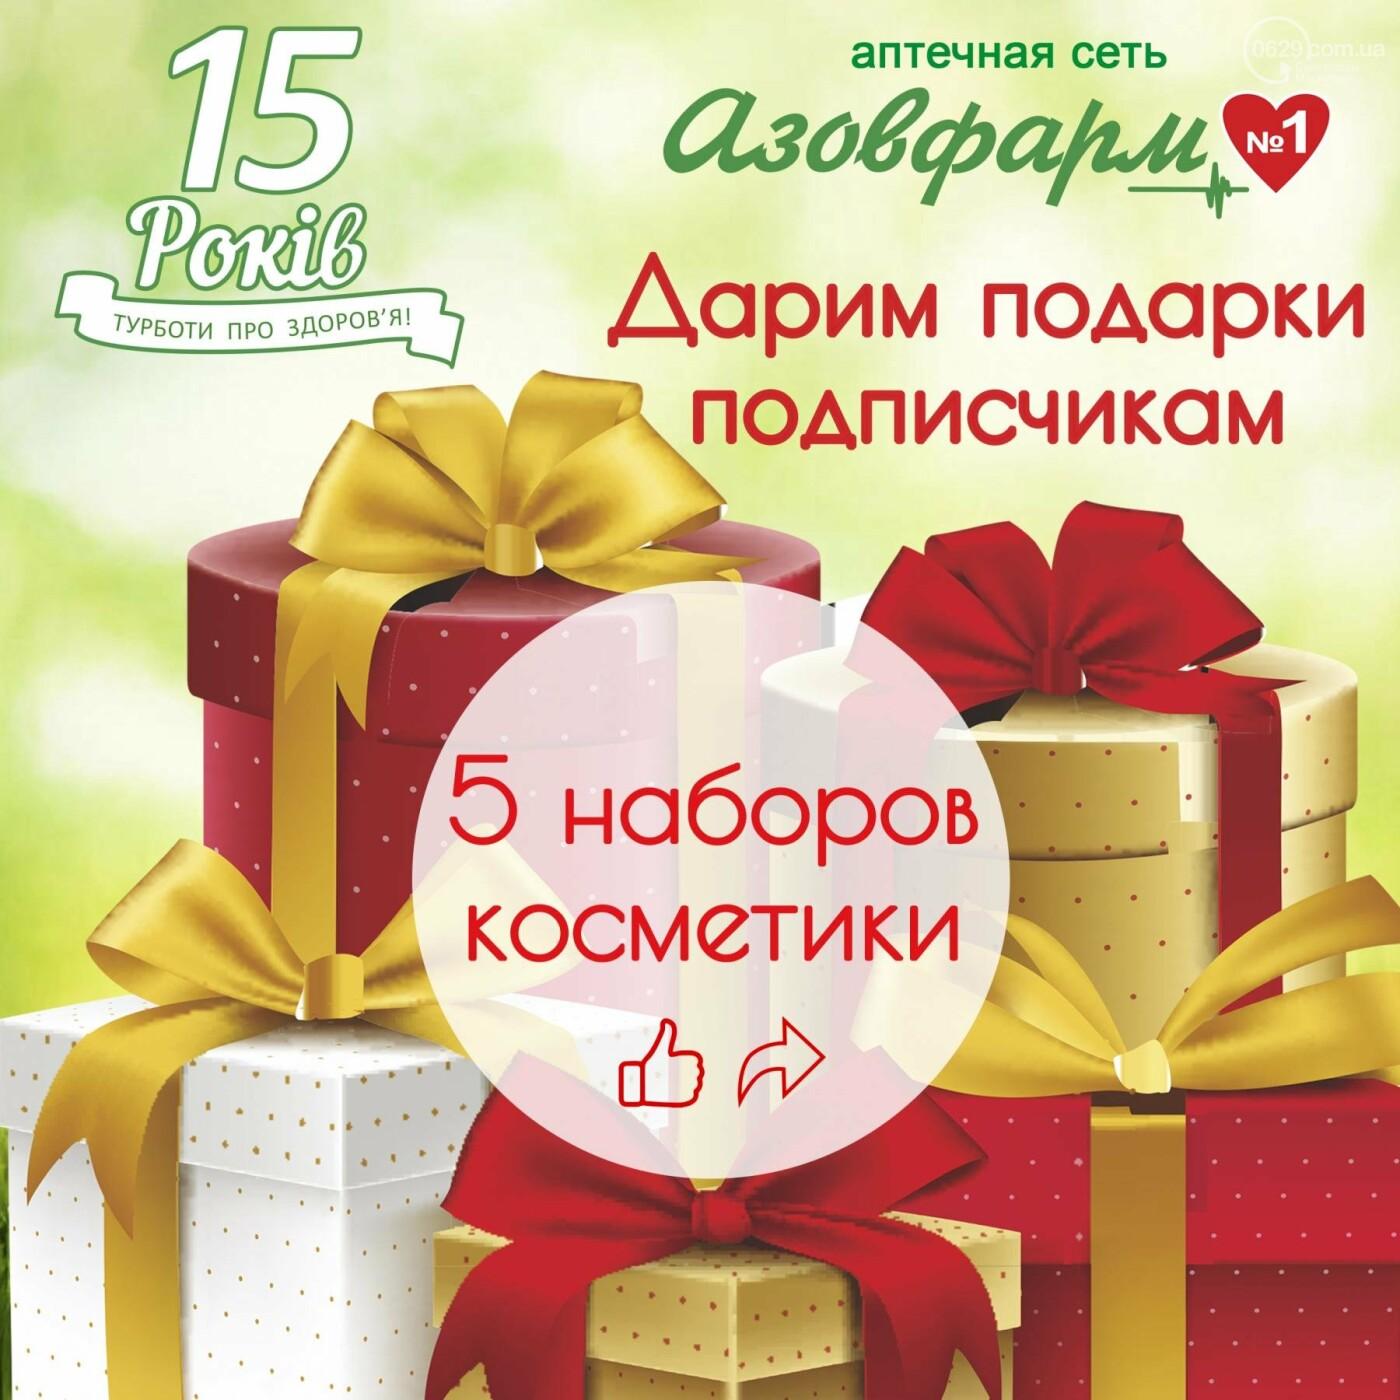 """Какие подарки для клиентов подготовила сеть """"Азовфарм"""" к своему 15-летию?, фото-2"""